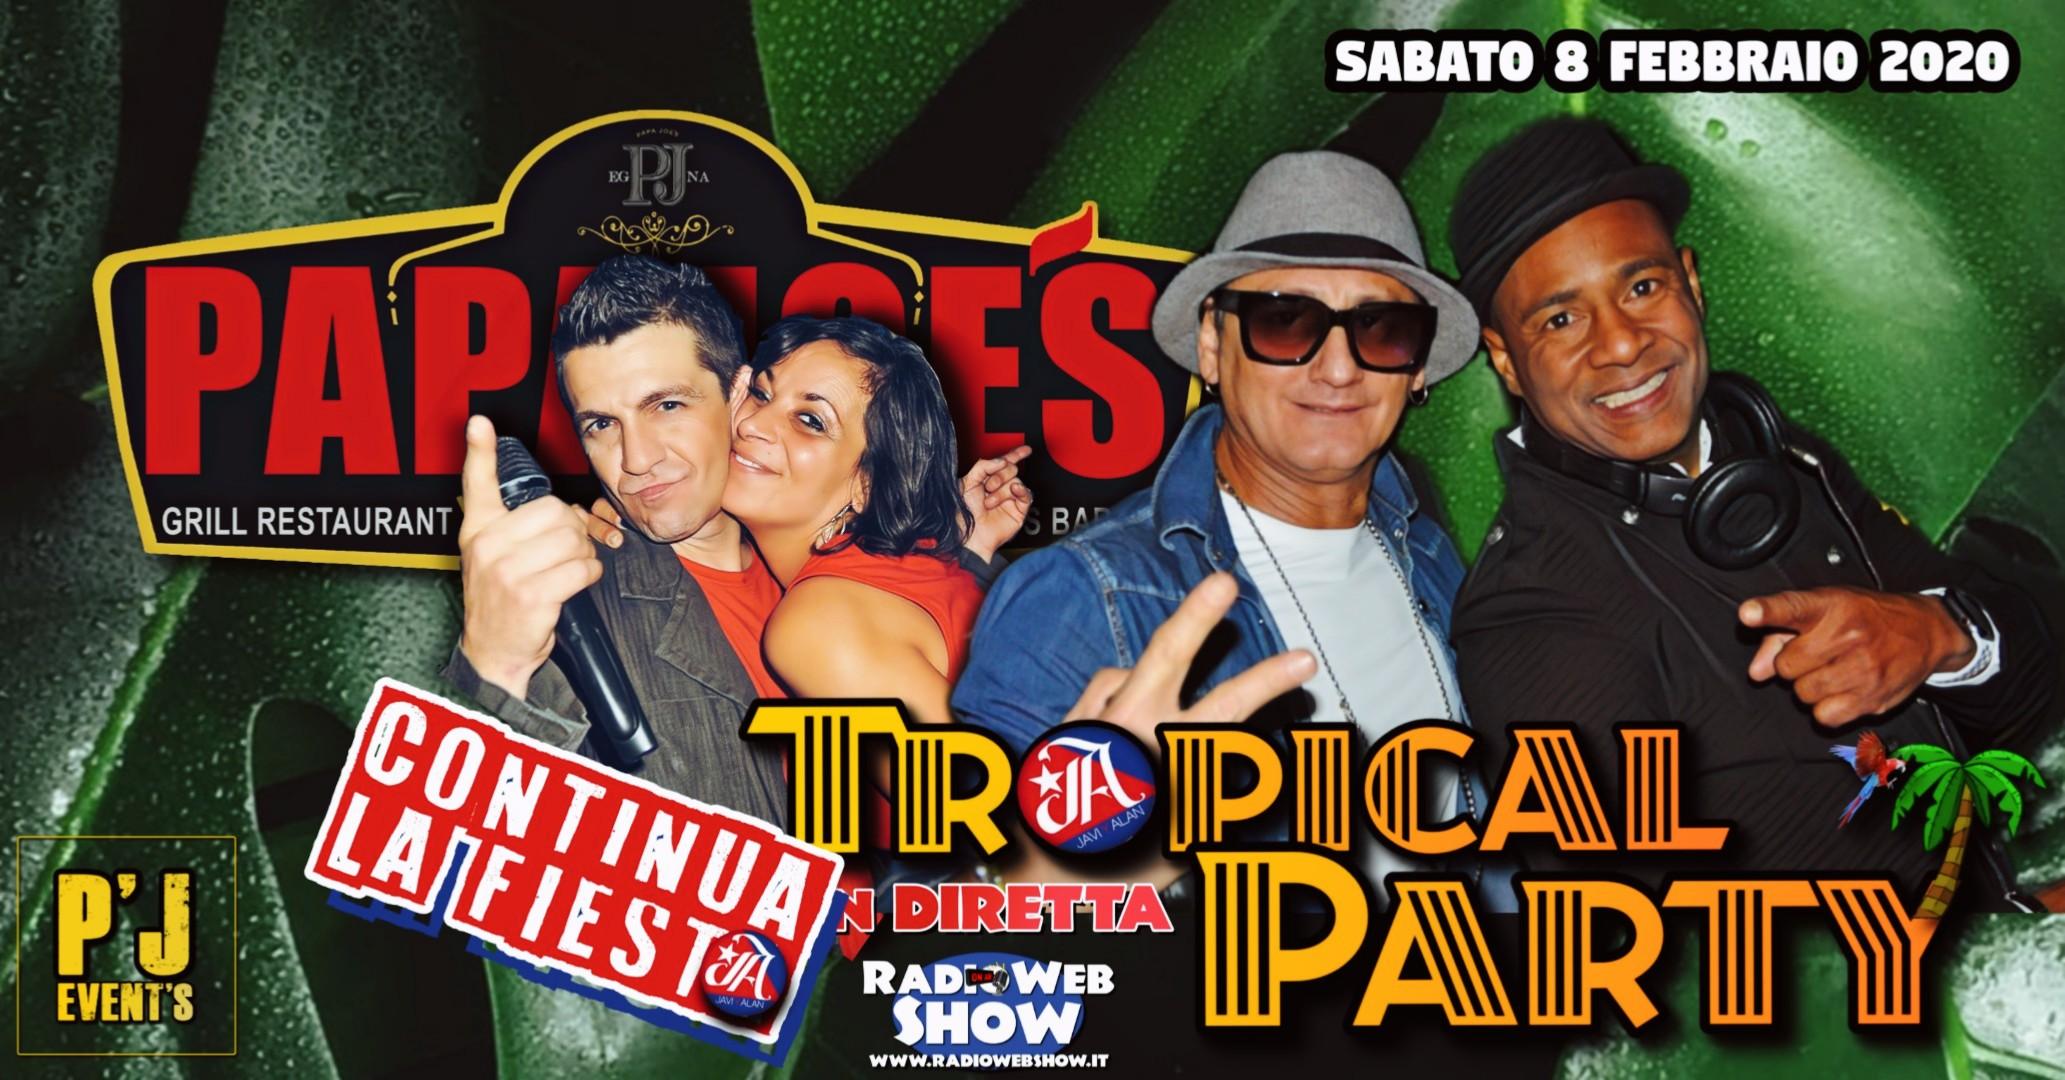 CONTINUA LA FIESTA con il Tropical Party al Papa Joe's